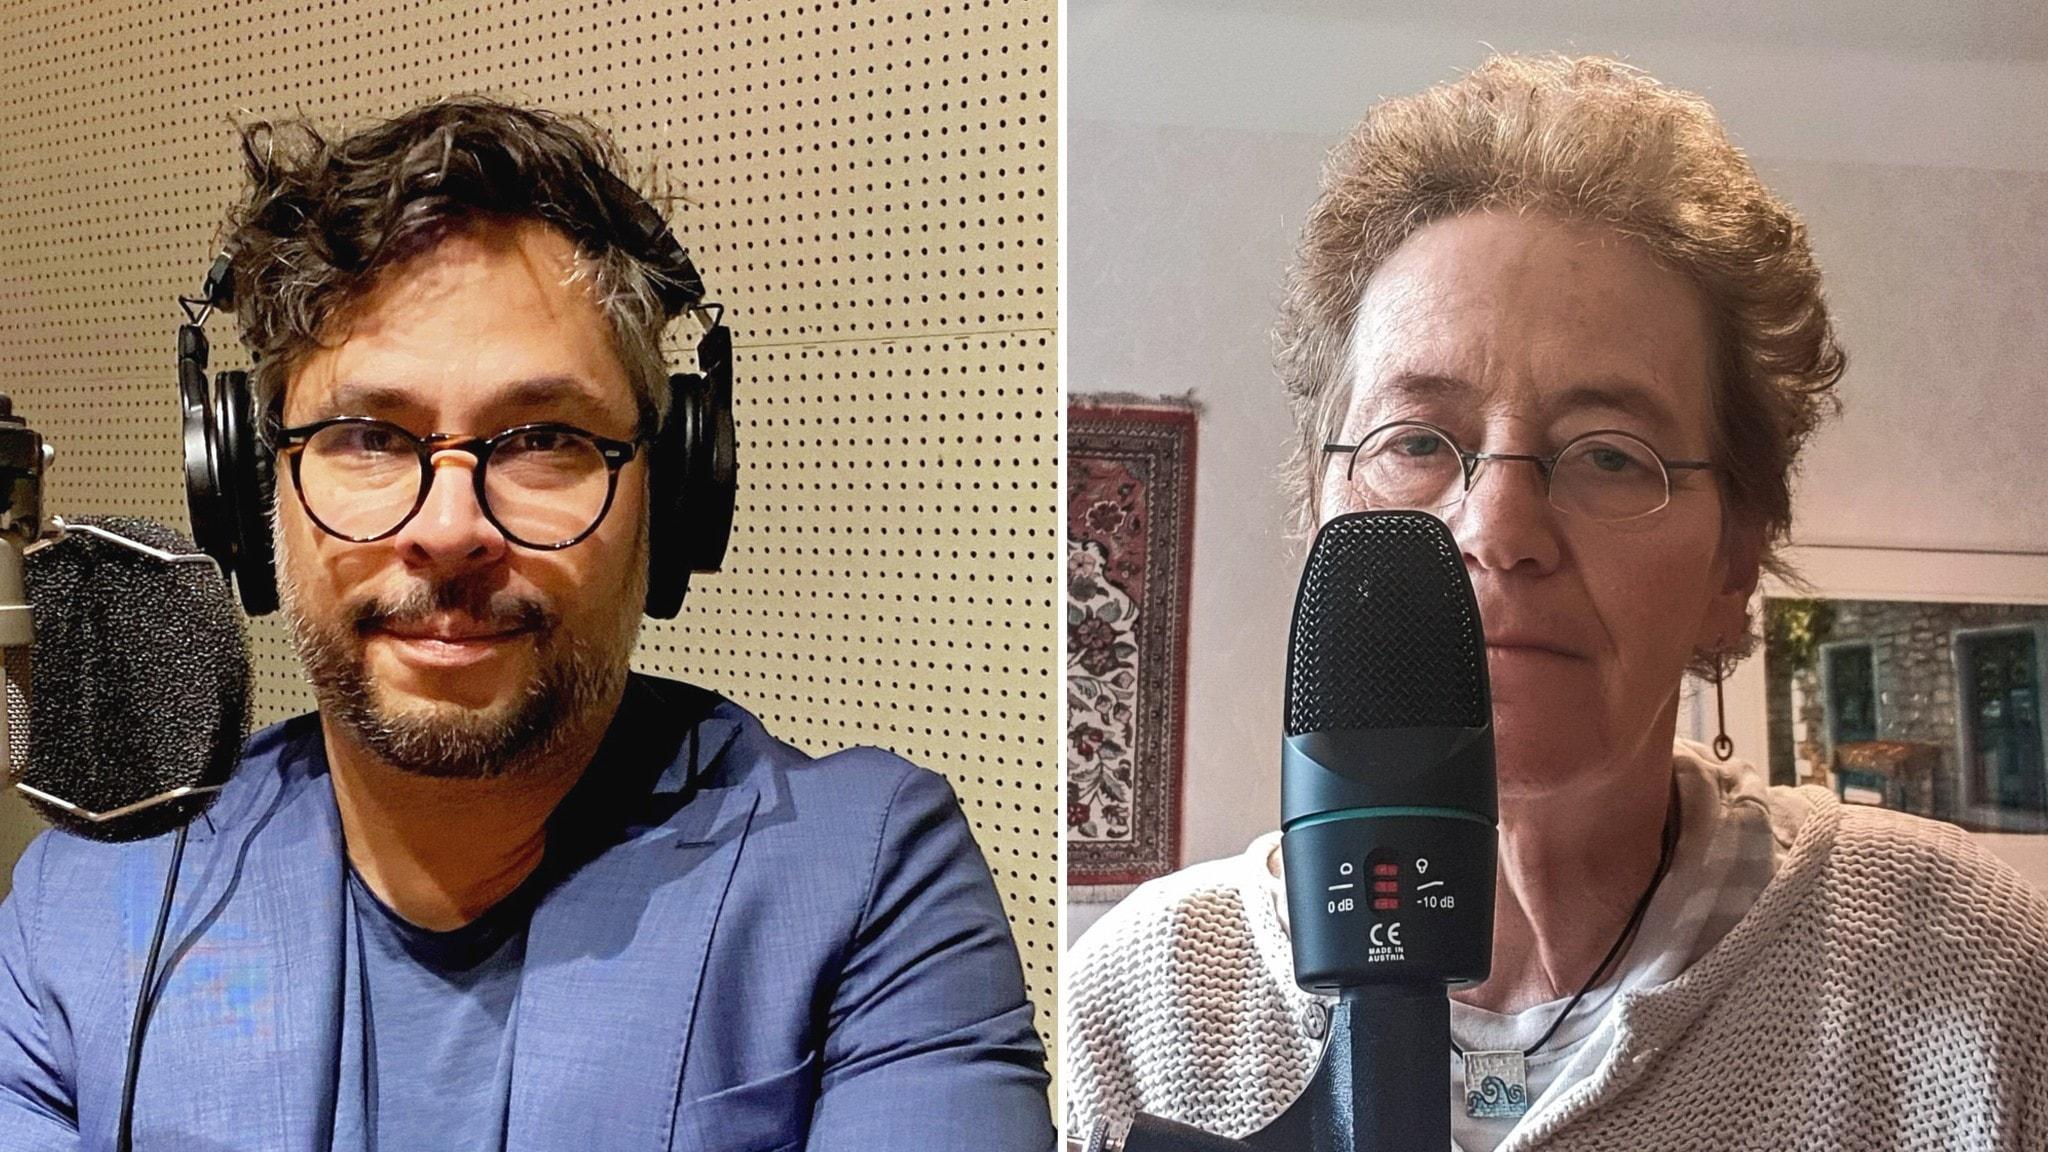 Bilden är ett montage av två foton tagna på olika platser. Martin Wicklin sitter vid en mikrofon och Lena Einhorn sitter vid en annan mikrofon.